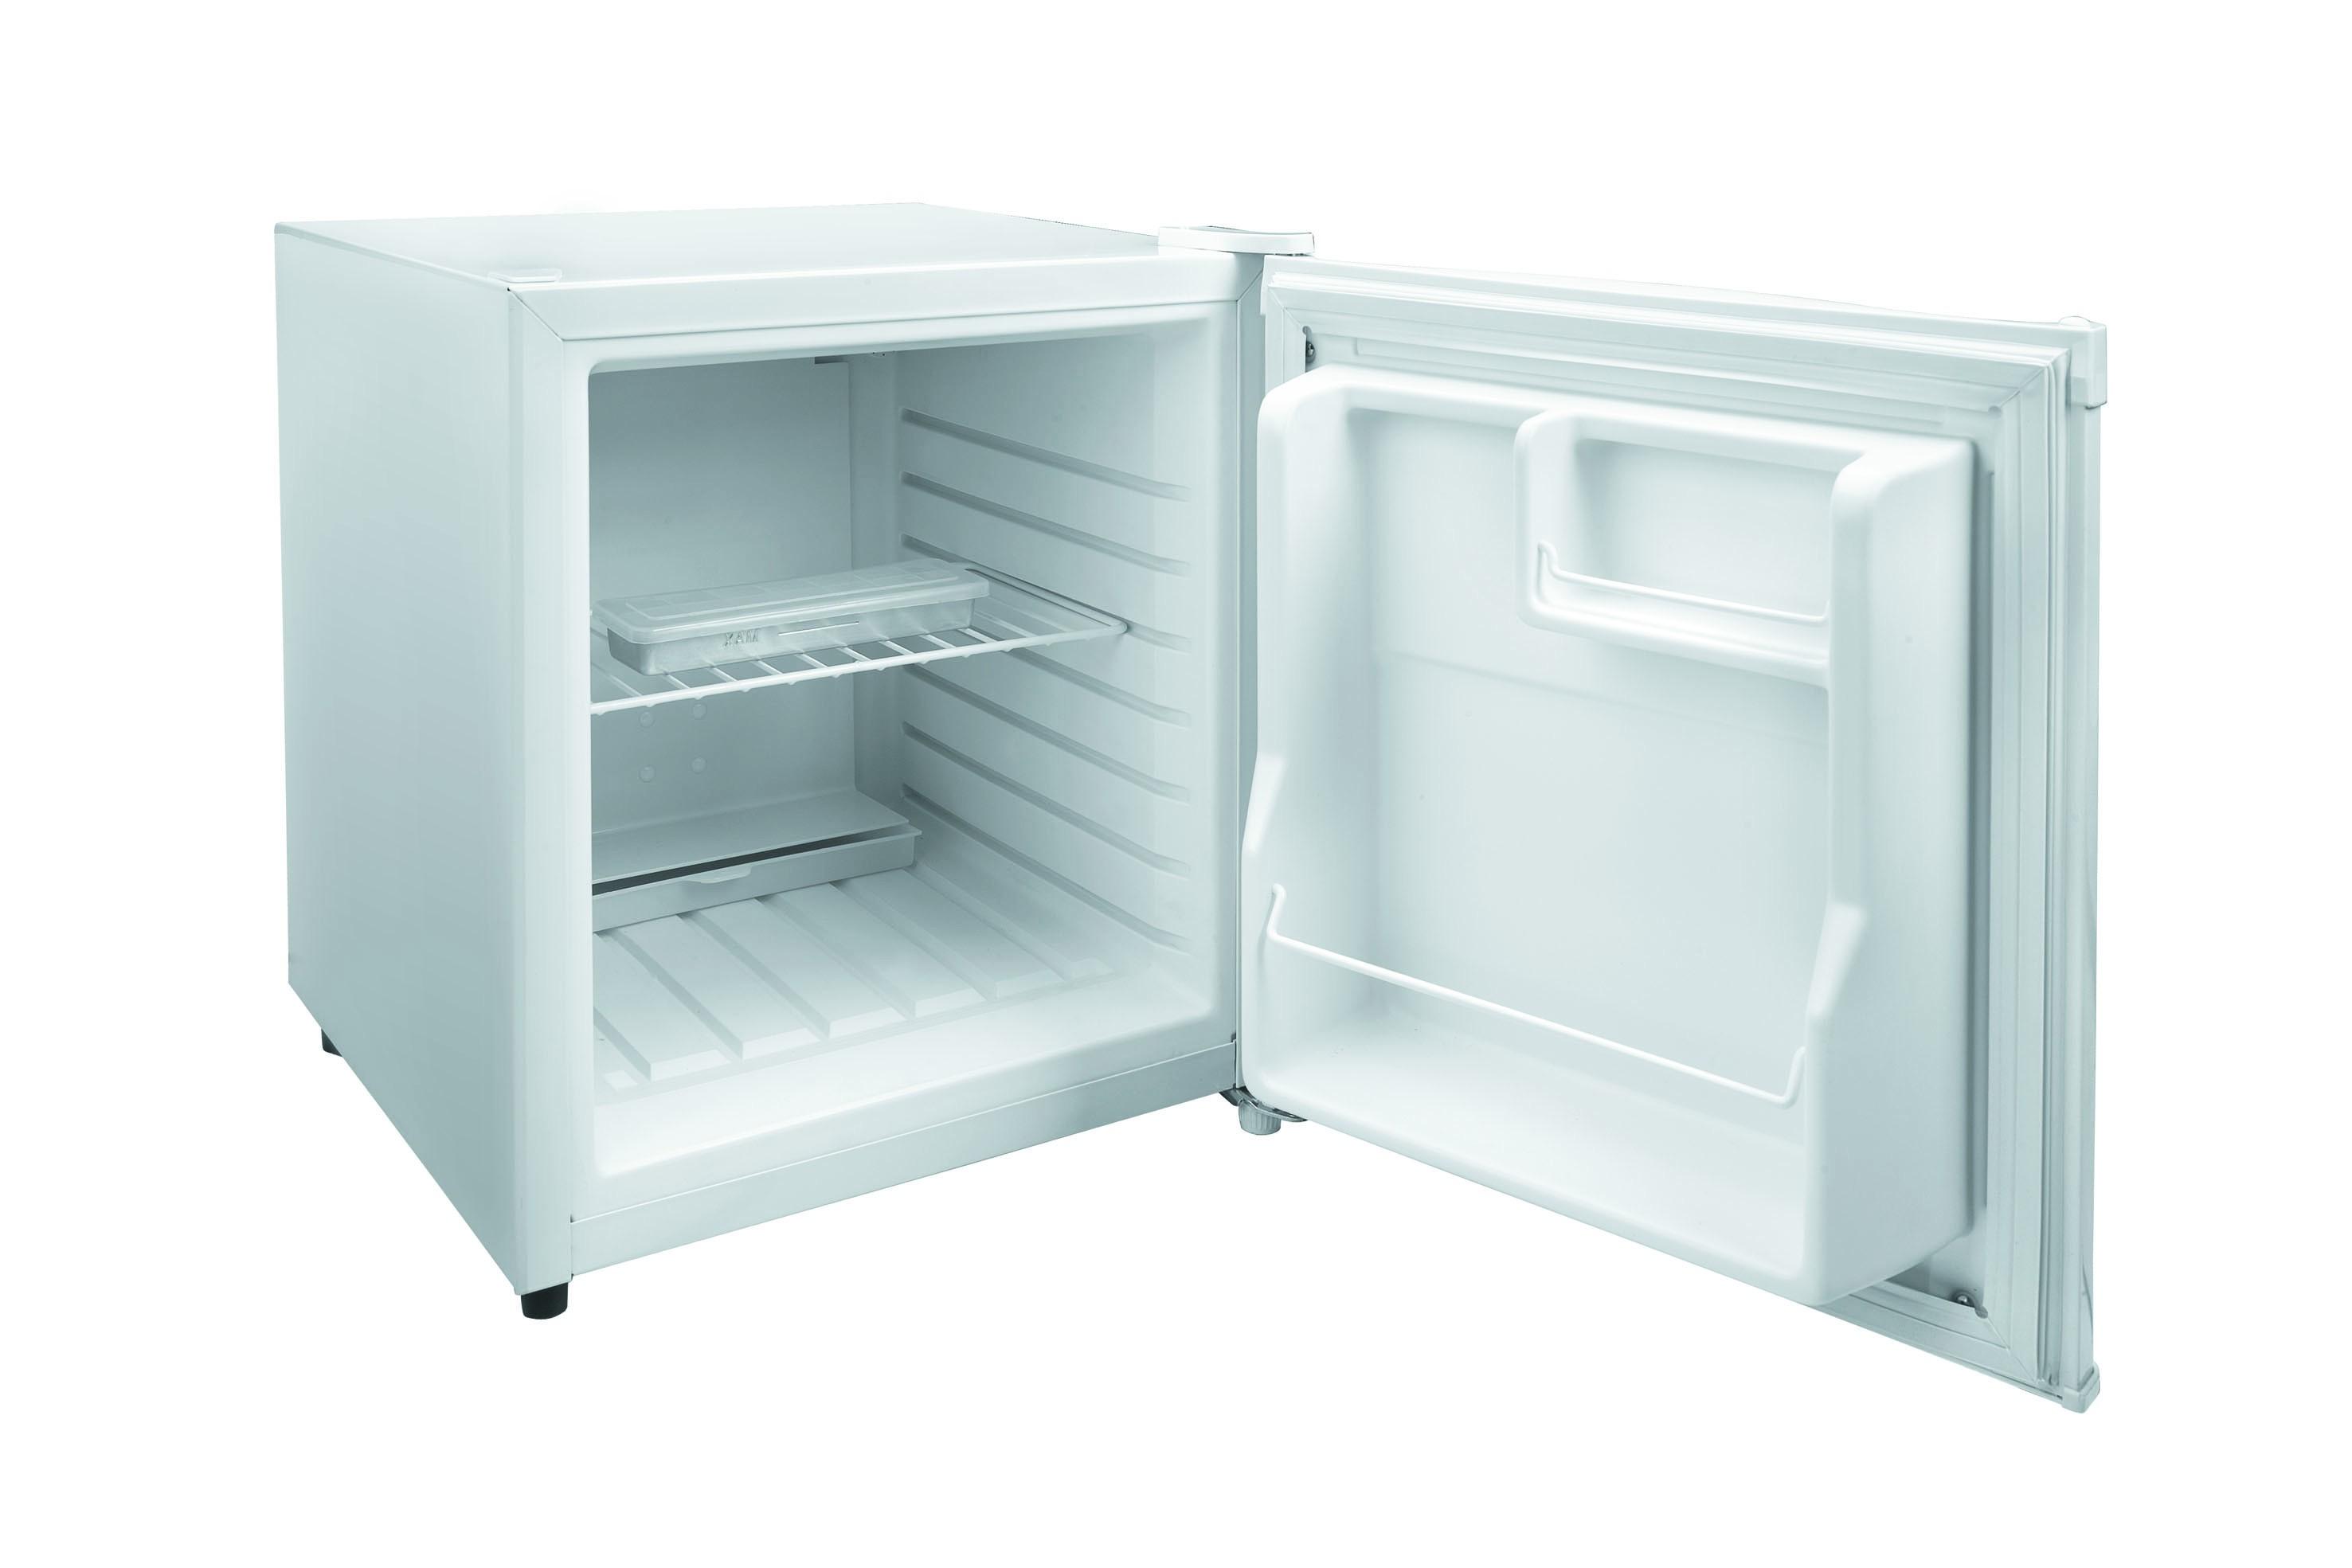 frigo de bureau meuble frigo bureau mini frigo de bureau 28 images mini frigo de bar mini. Black Bedroom Furniture Sets. Home Design Ideas